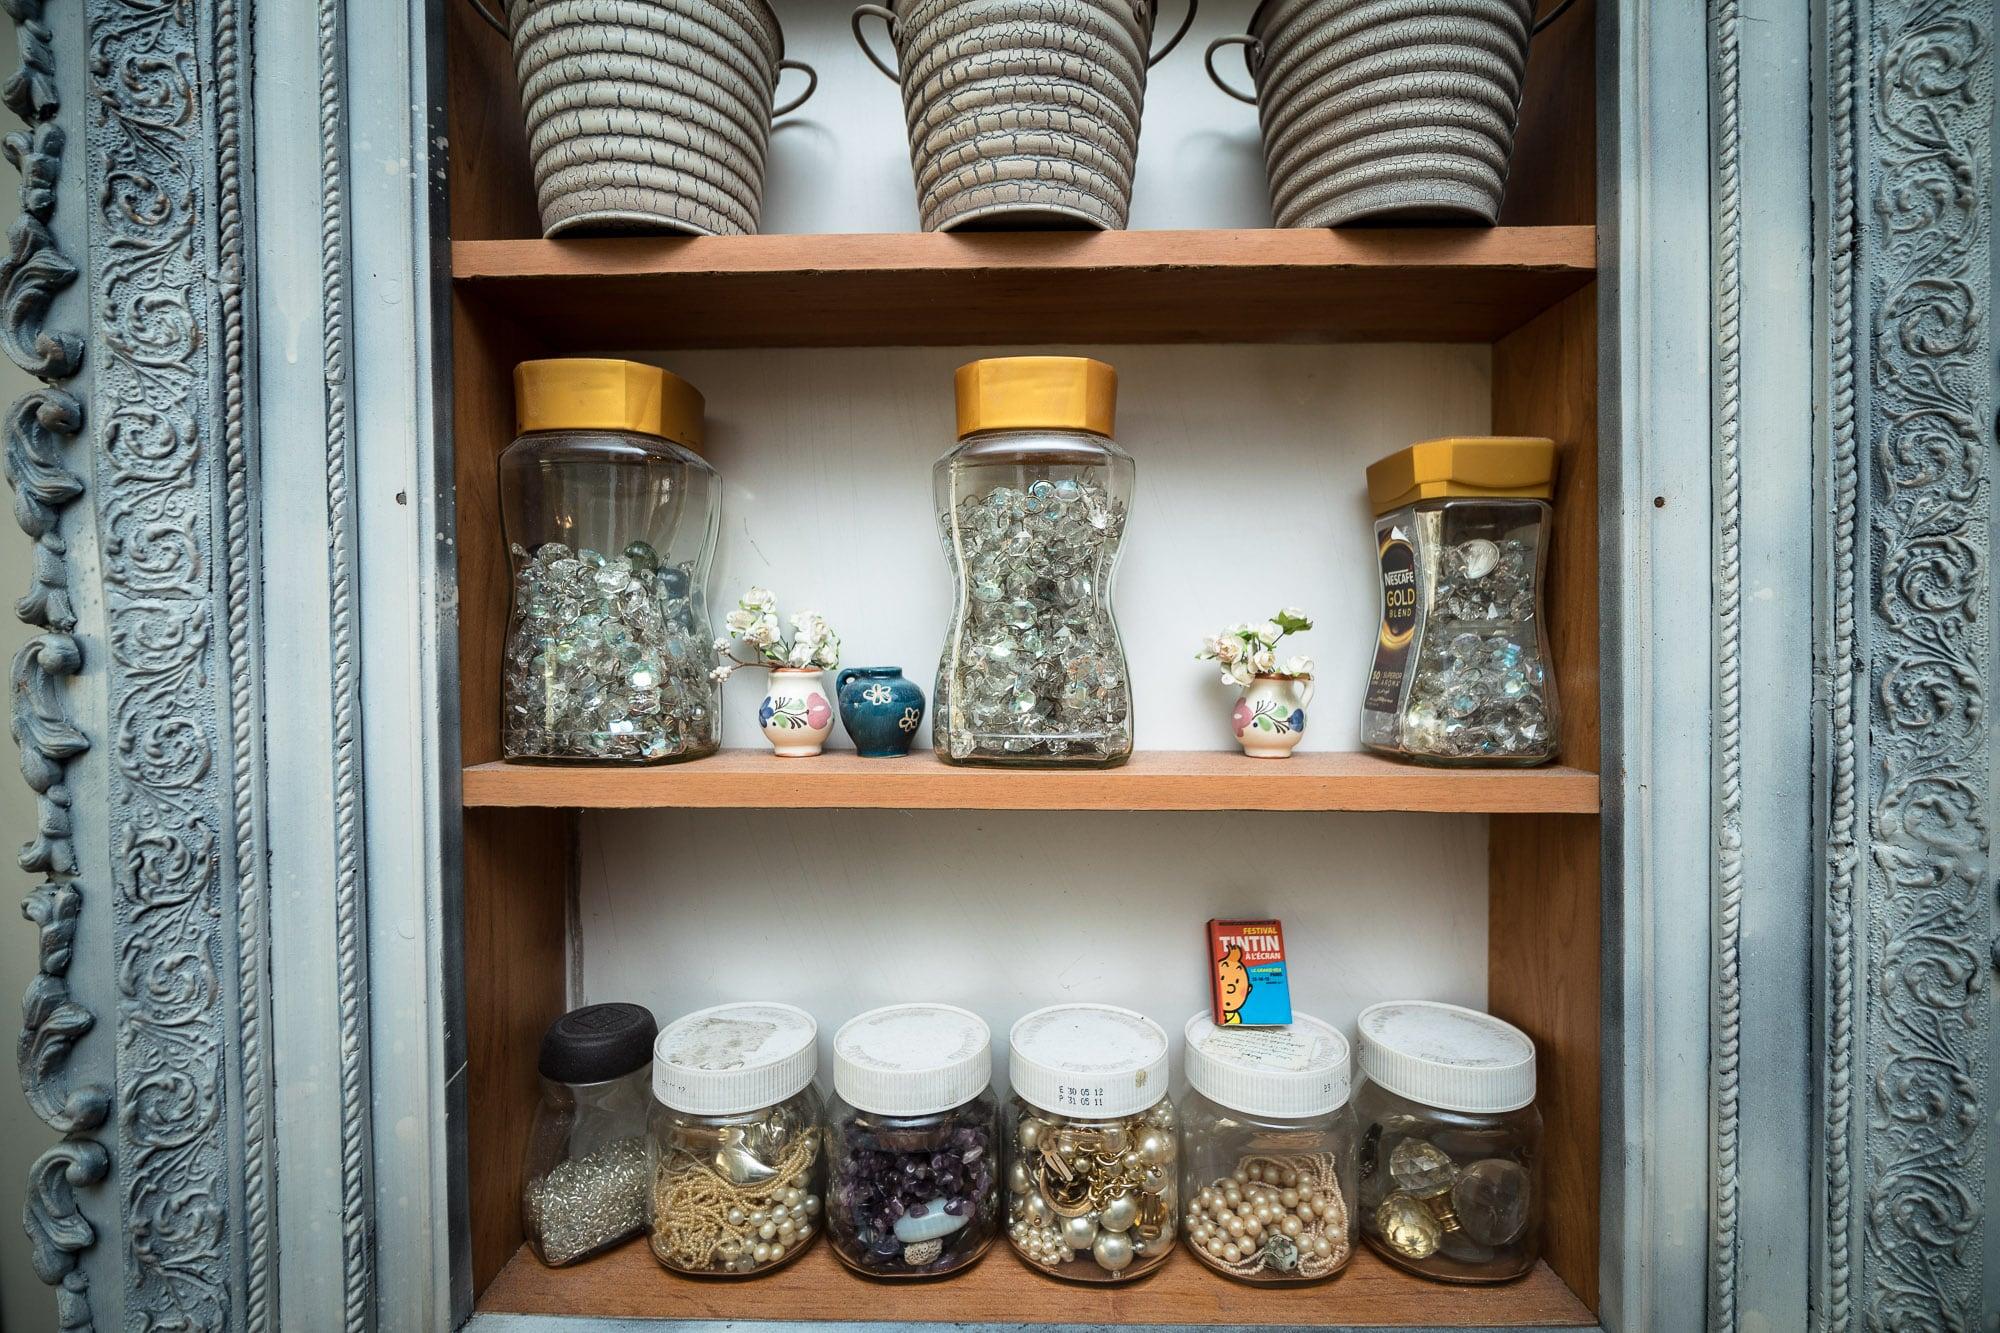 little things in jars